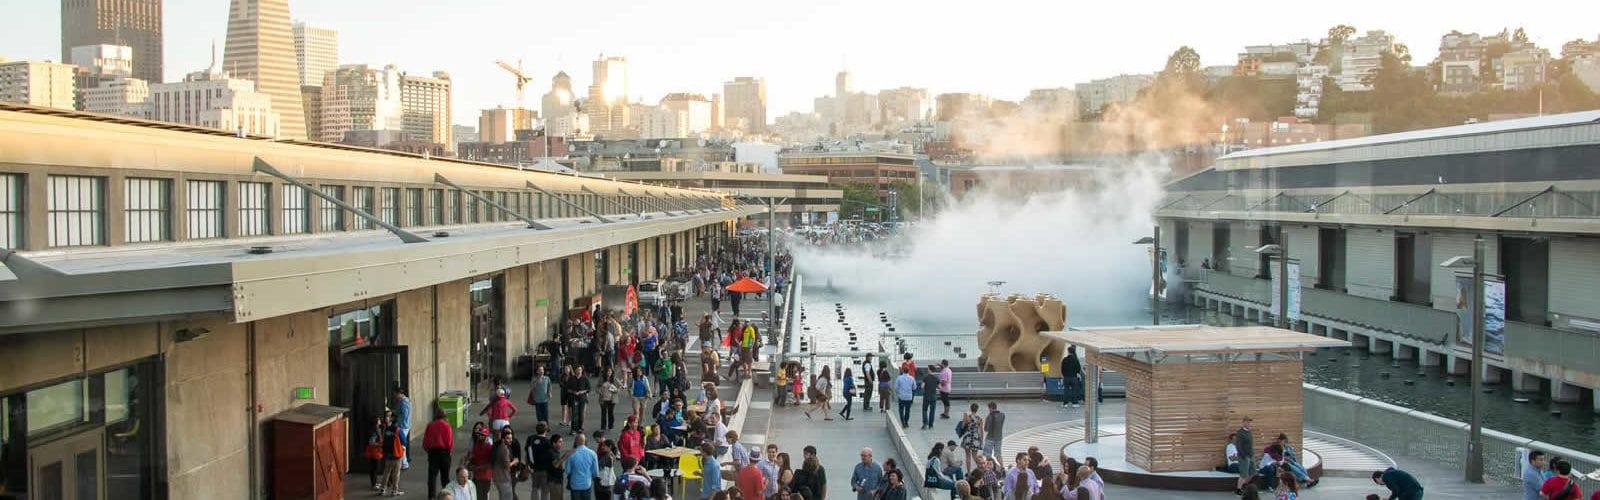 exploratorium-san-francisco-visiter-musee-science-une